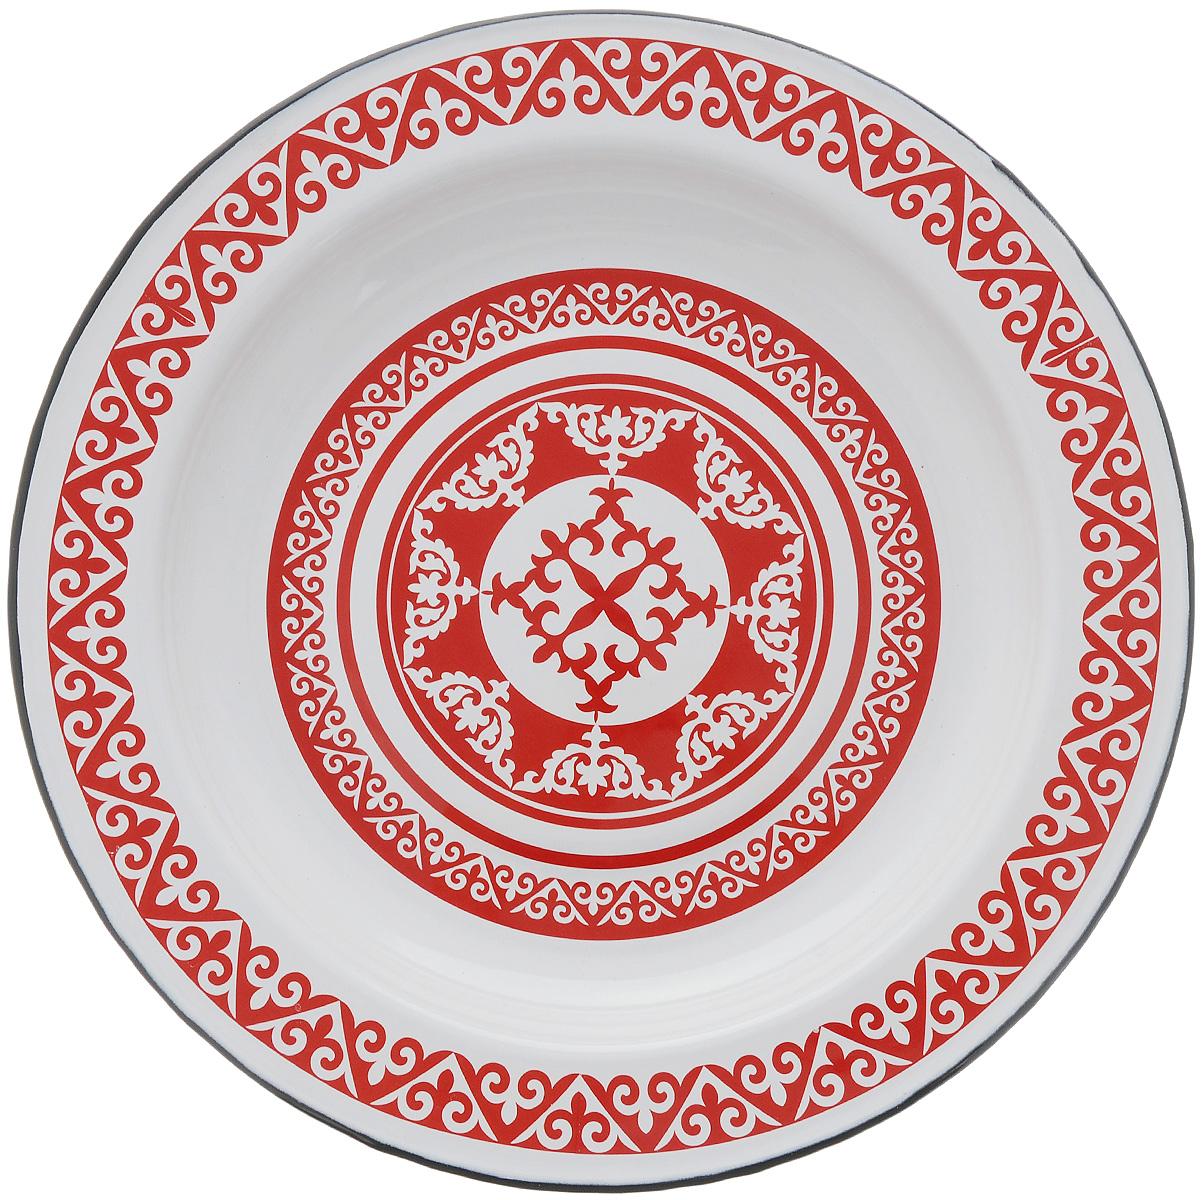 Блюдо СтальЭмаль Айша, диаметр 35,5 см1с6с/КОригинальное СтальЭмаль Айша, изготовленное из эмалированной, прекрасно подойдет для подачи нарезок, закусок и других блюд. Блюдо декорировано красивым узором. Оно украсит ваш кухонный стол, а также станет замечательным подарком к любому празднику.Диаметр блюда: 35,5 см. Высота стенки: 3,5 см.